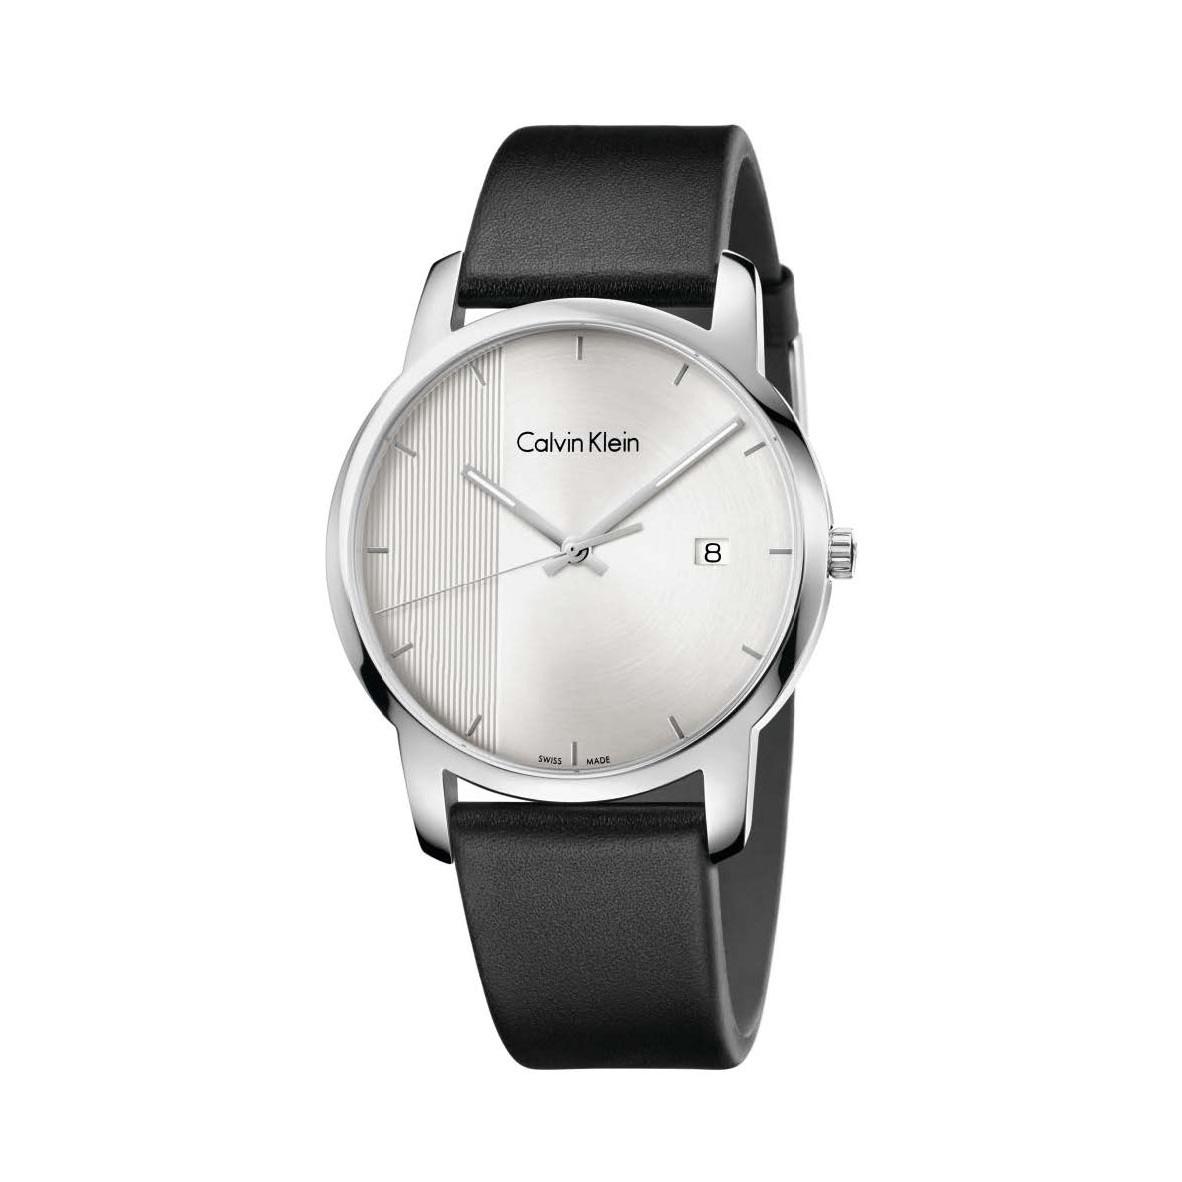 Đồng hồ Calvin Klein K2G2G1CX Nam 43mm, Quartz (Pin), Thép không gỉ